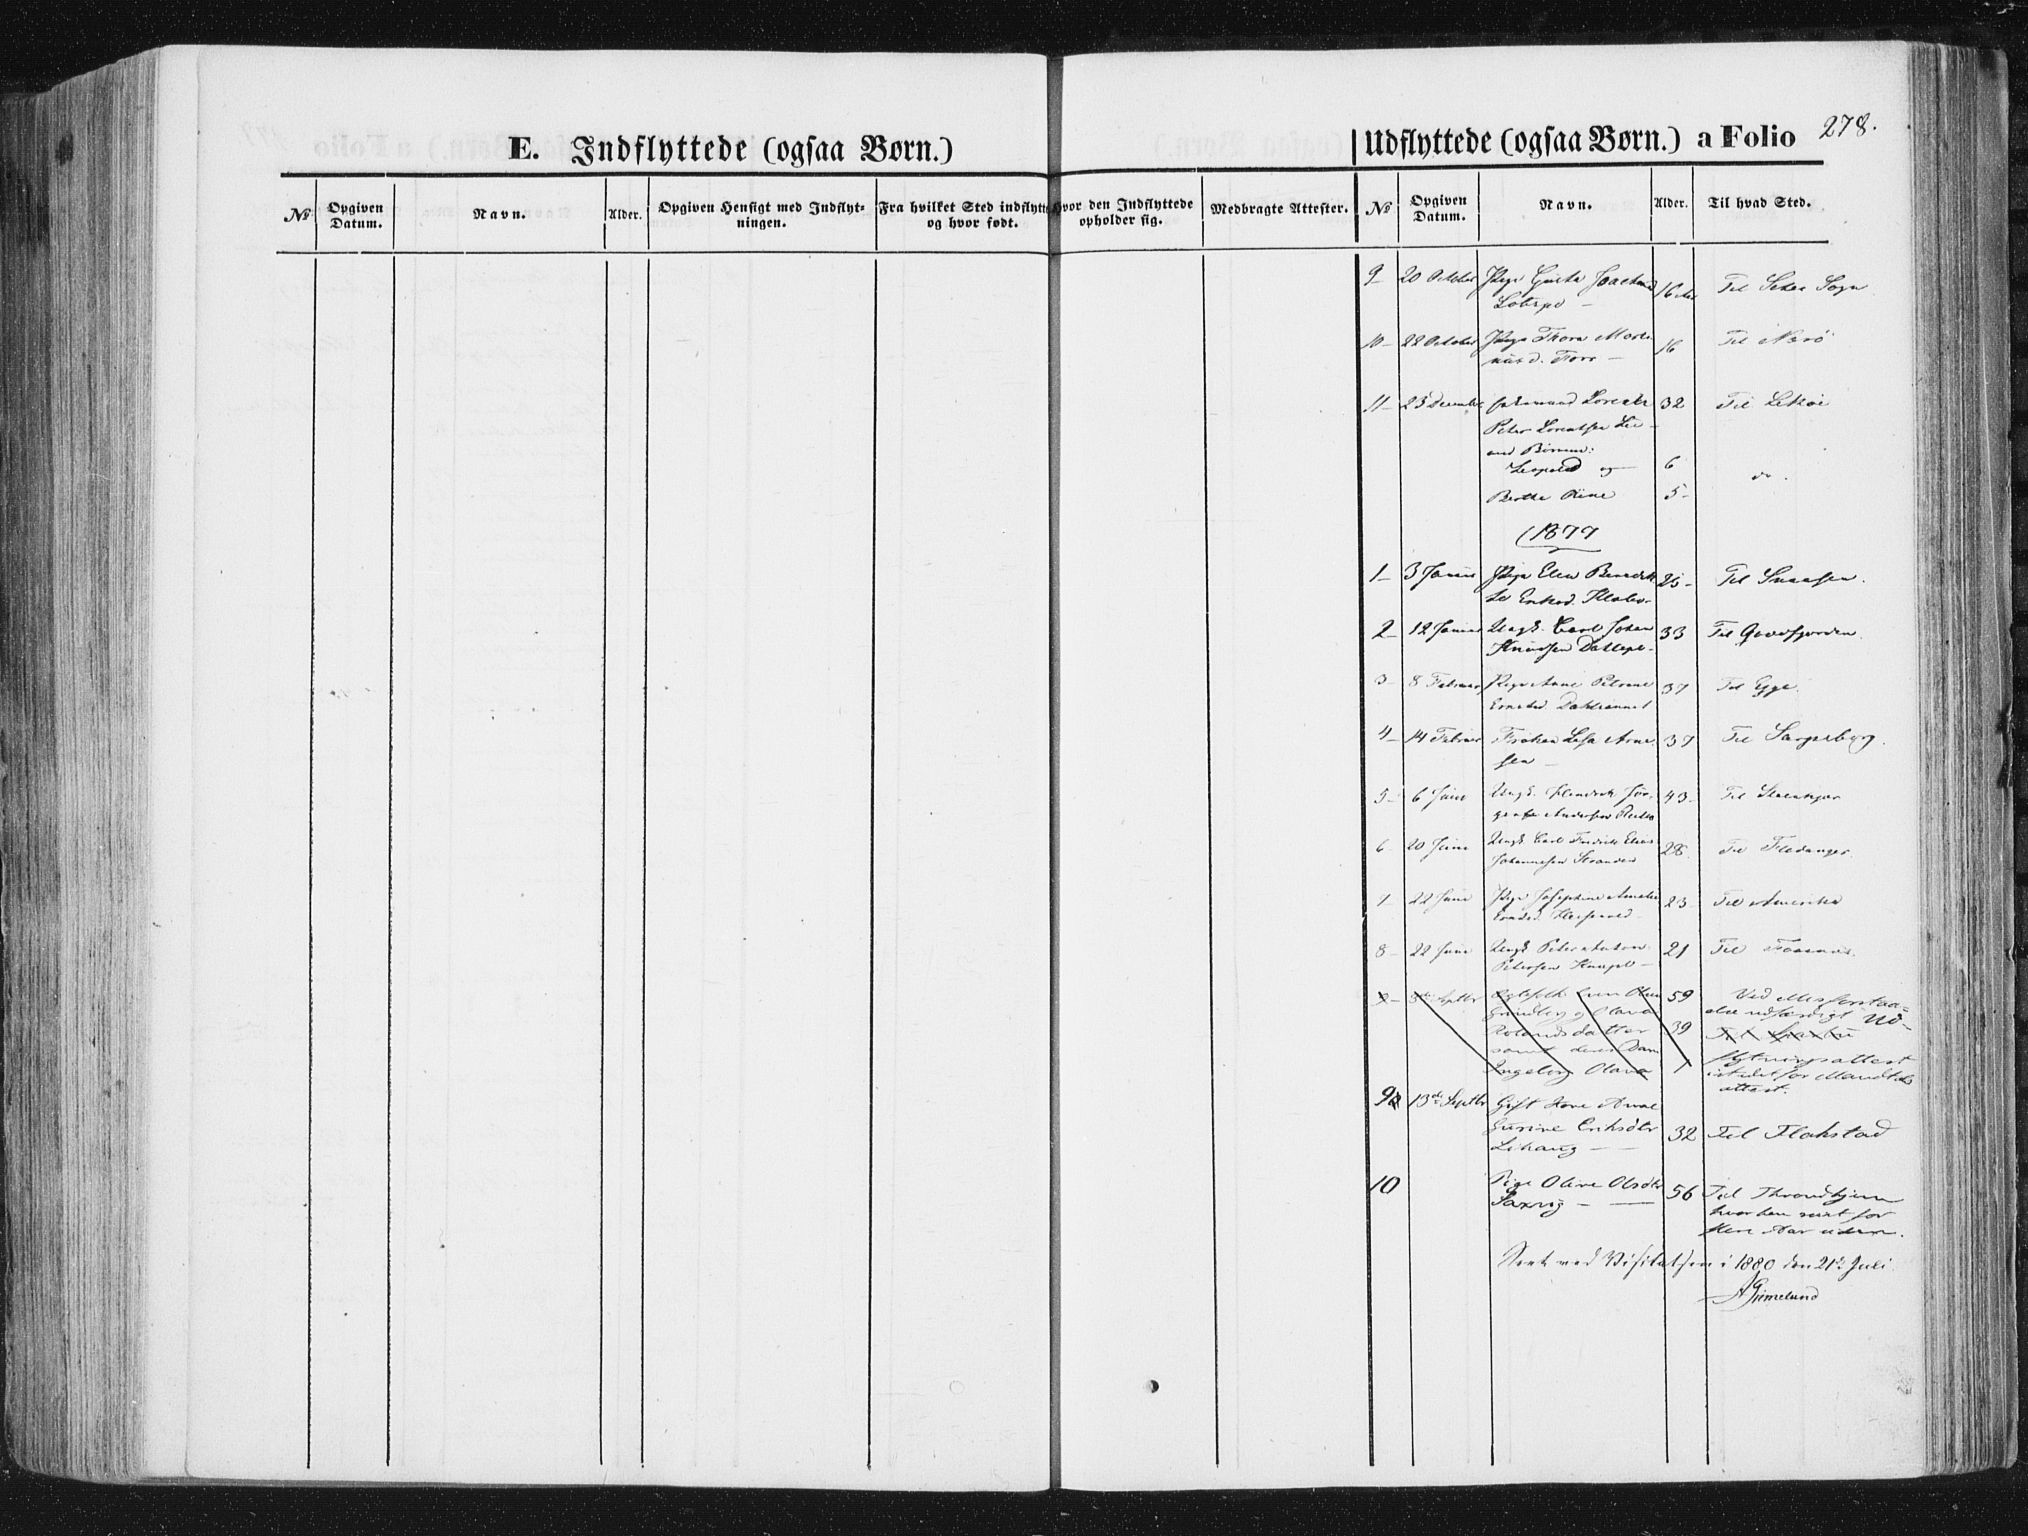 SAT, Ministerialprotokoller, klokkerbøker og fødselsregistre - Nord-Trøndelag, 746/L0447: Ministerialbok nr. 746A06, 1860-1877, s. 278